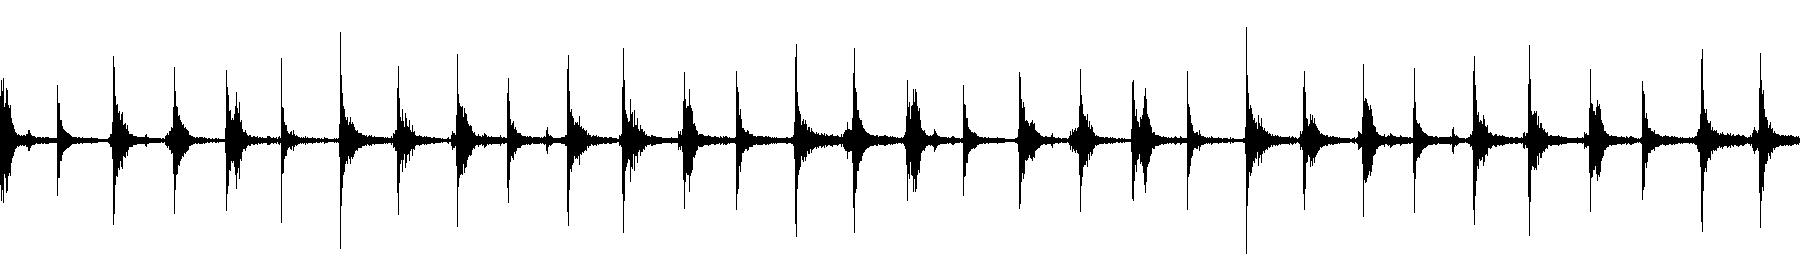 ehp percloop 127 09